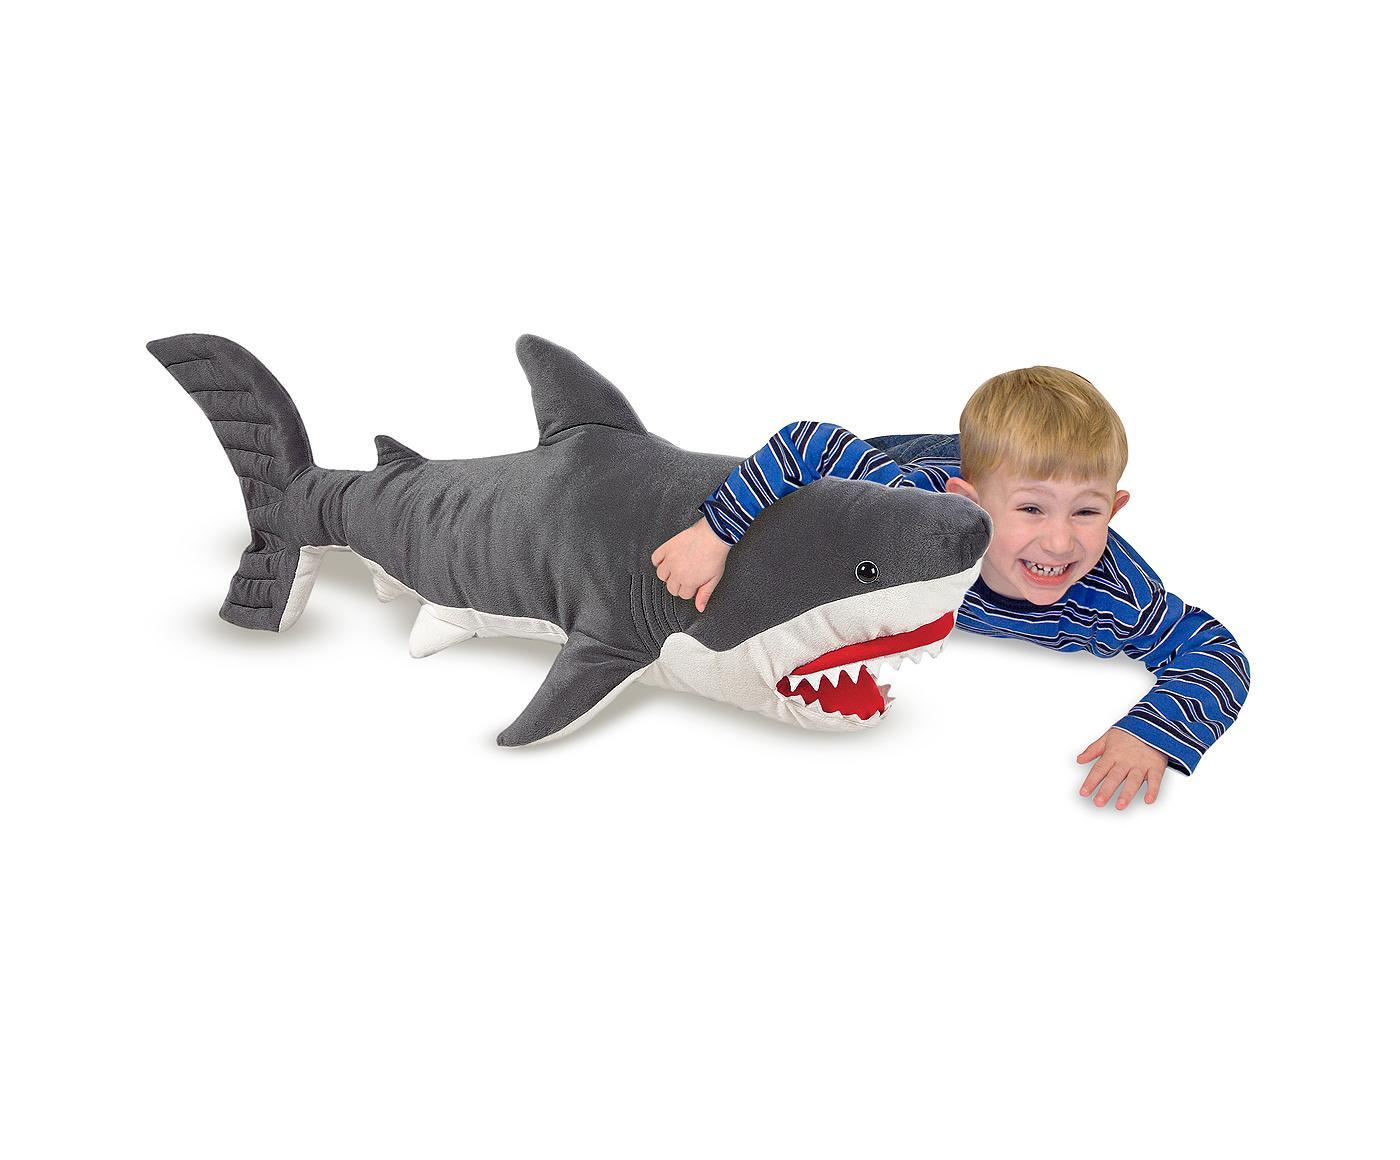 Melissa & Shark - Lifelike Stuffed Animal